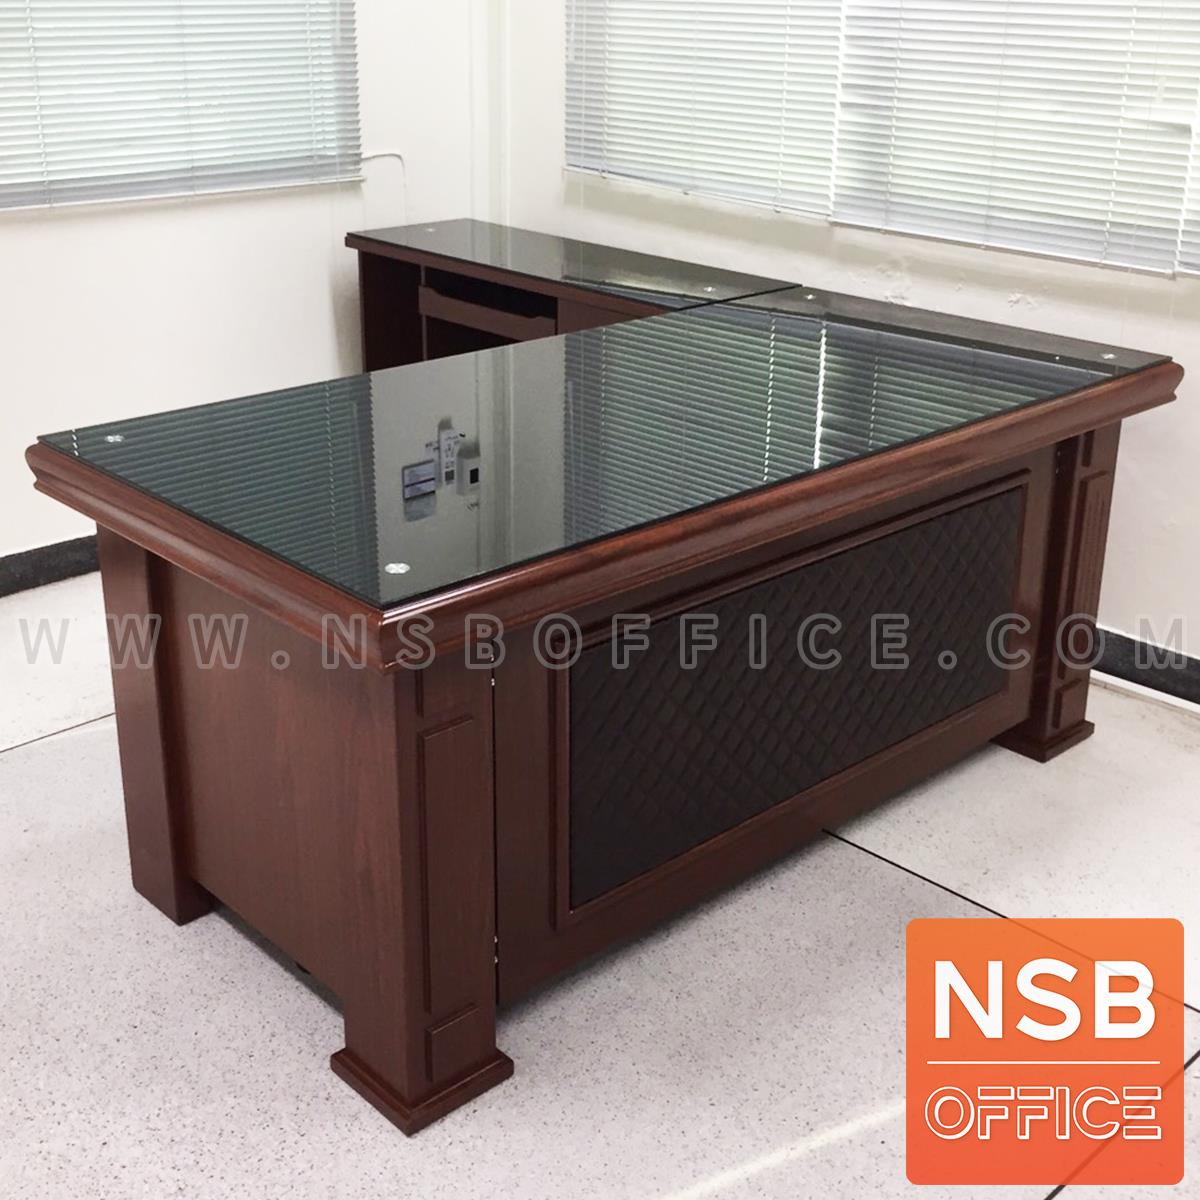 โต๊ะผู้บริหารตัวแอล รุ่น URSULAR ขนาด 160W ,180W cm.